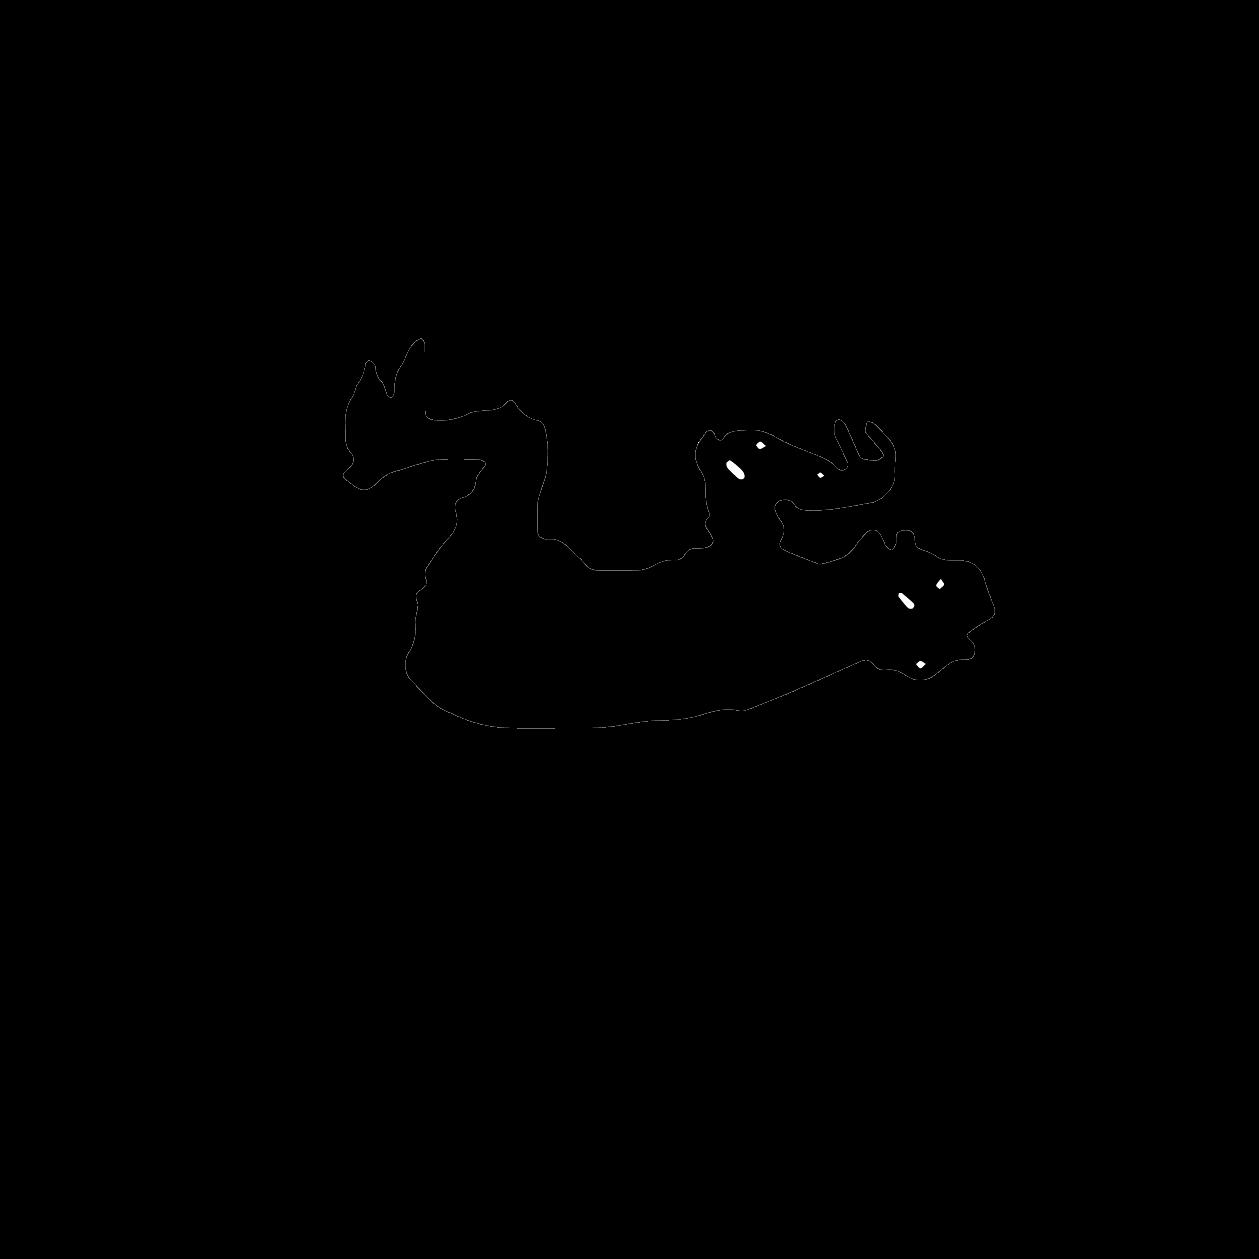 Now here nowhere to hide frontex grenzdesinfektion Logo grenzsicherung fluechtlingsabwehr